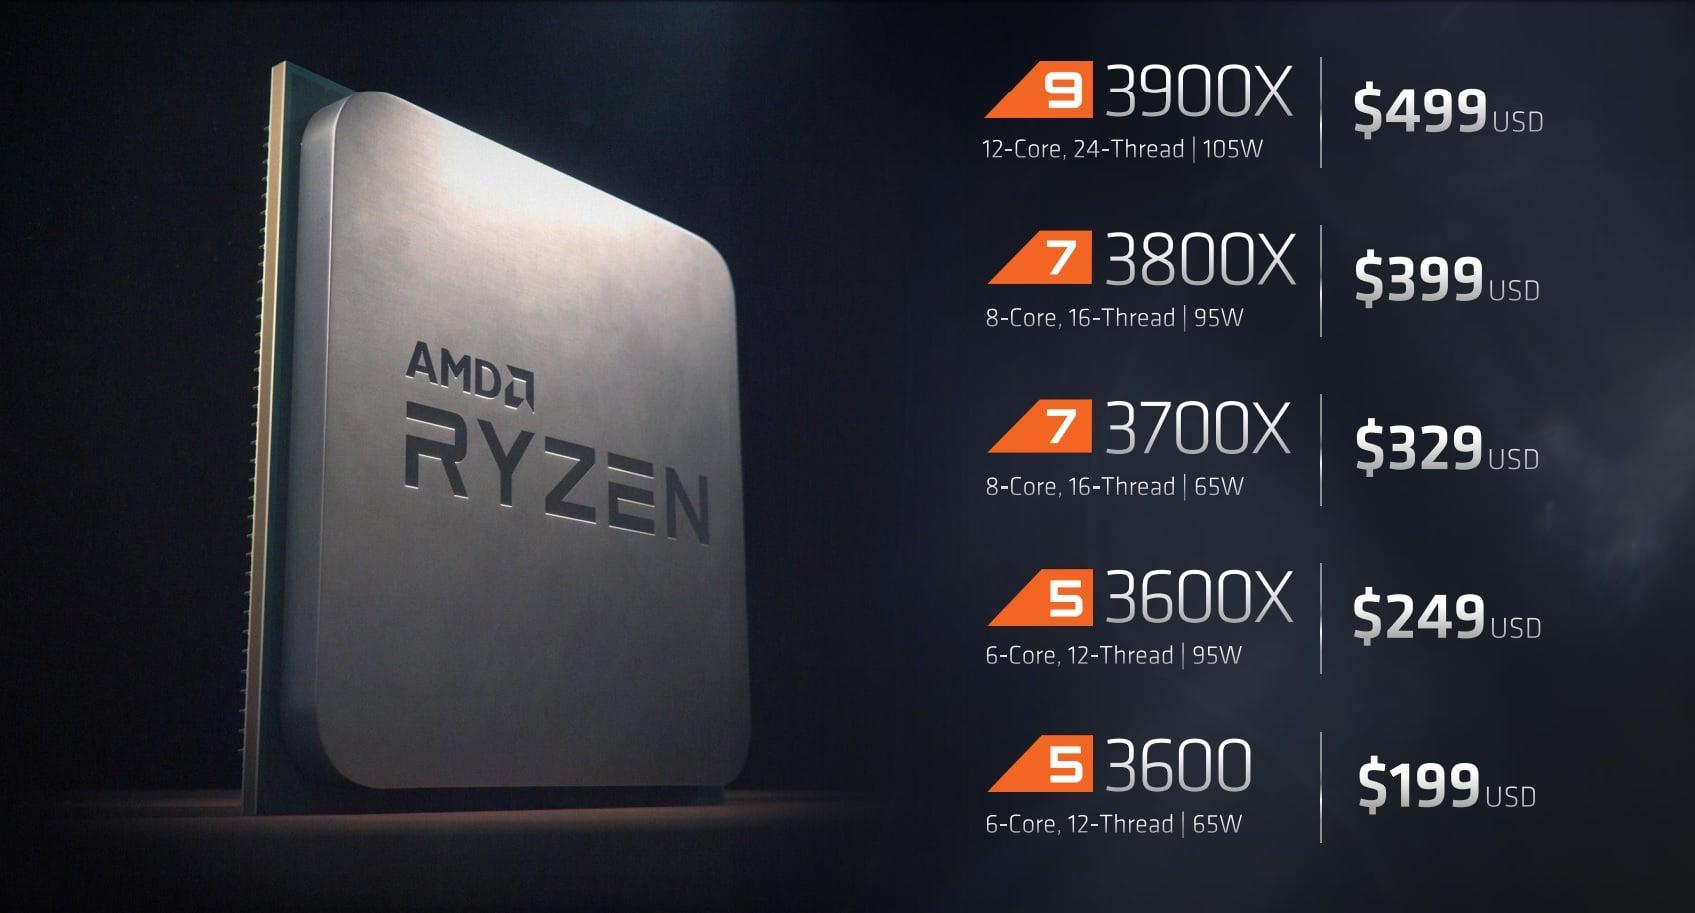 Procesory Ryzen 3000, karty graficzne Radeon RX 5700 i inne tegoroczne nowości AMD trafiły do sprzedaży 20